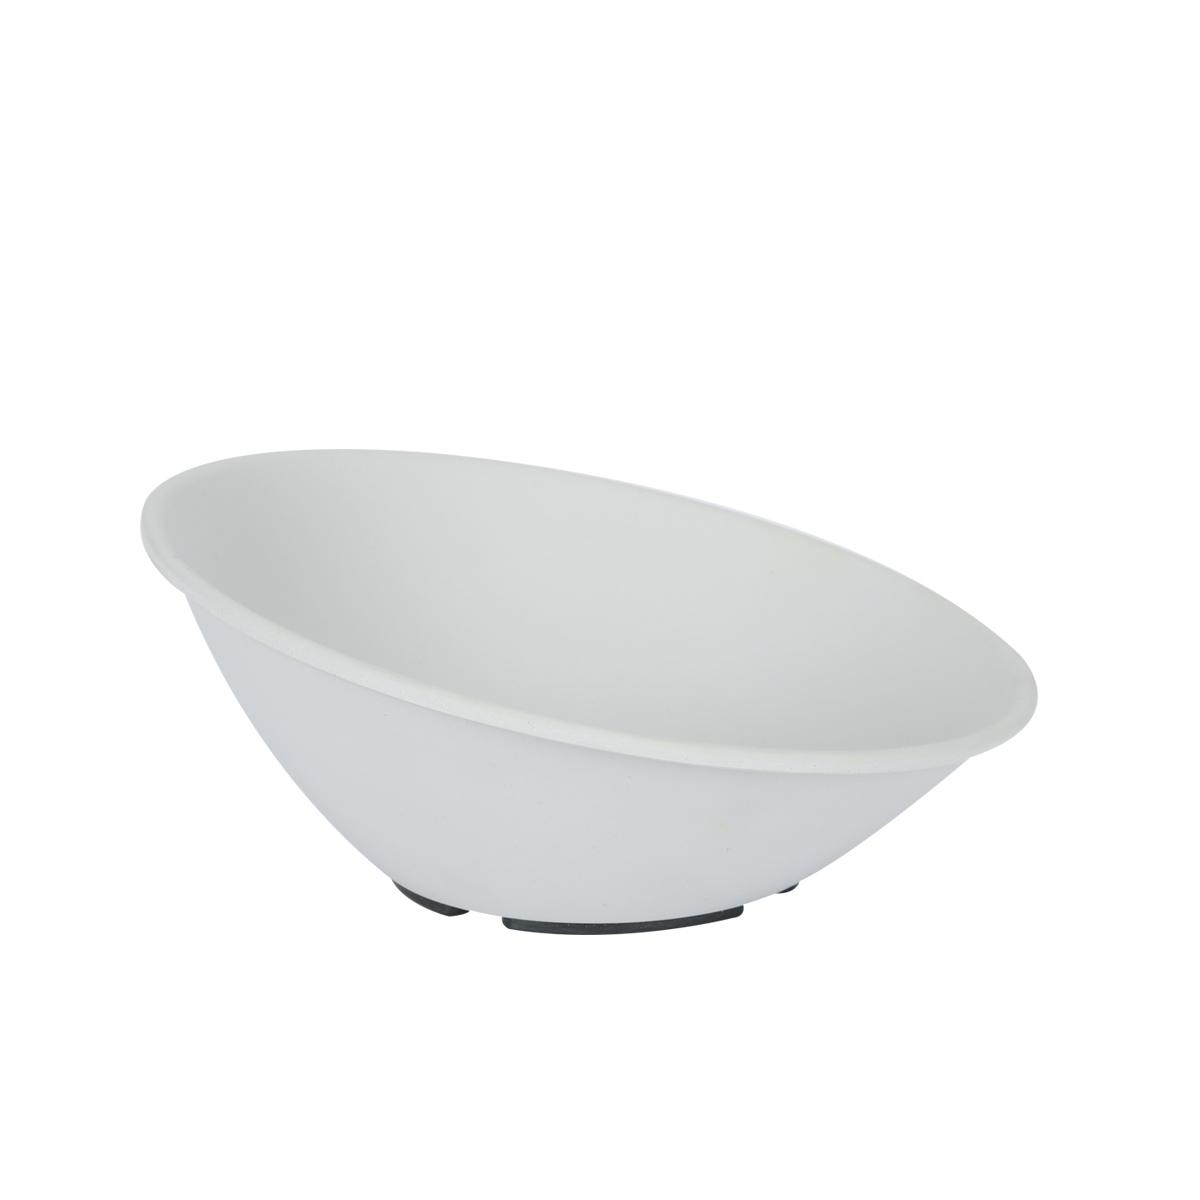 Ergonomic Dog Bowl S - Solid Color